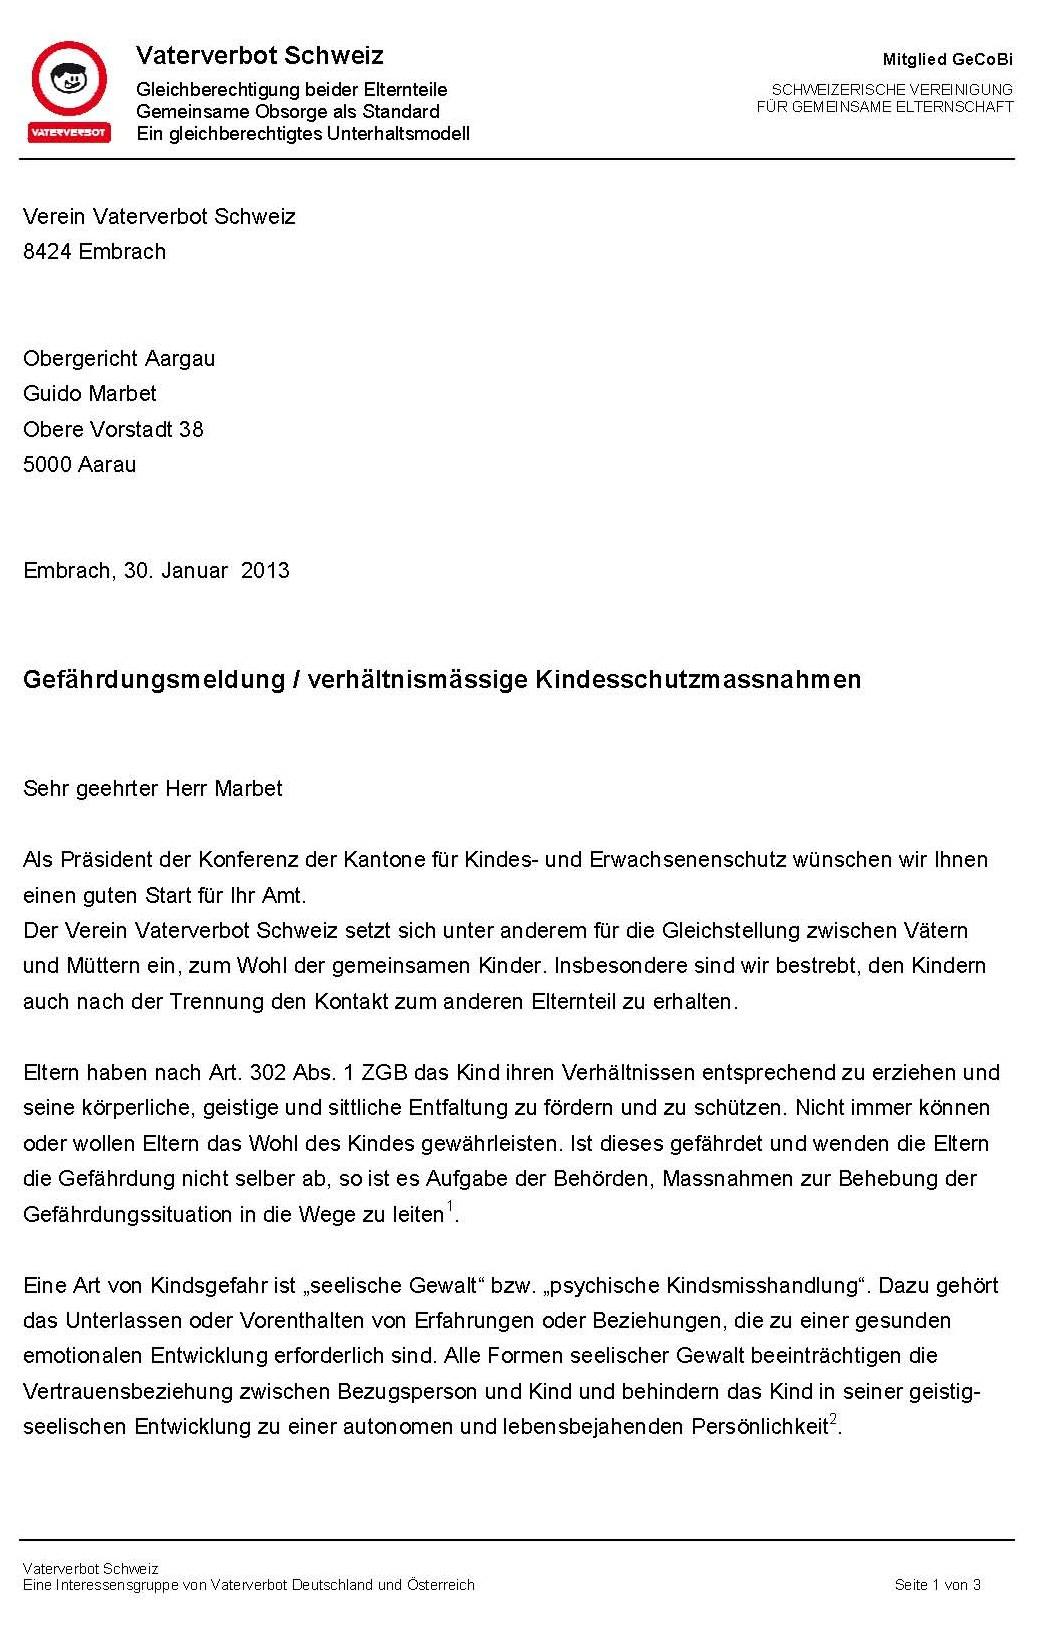 Anfrage Guido Marbet Gefährdungsmeldung S1